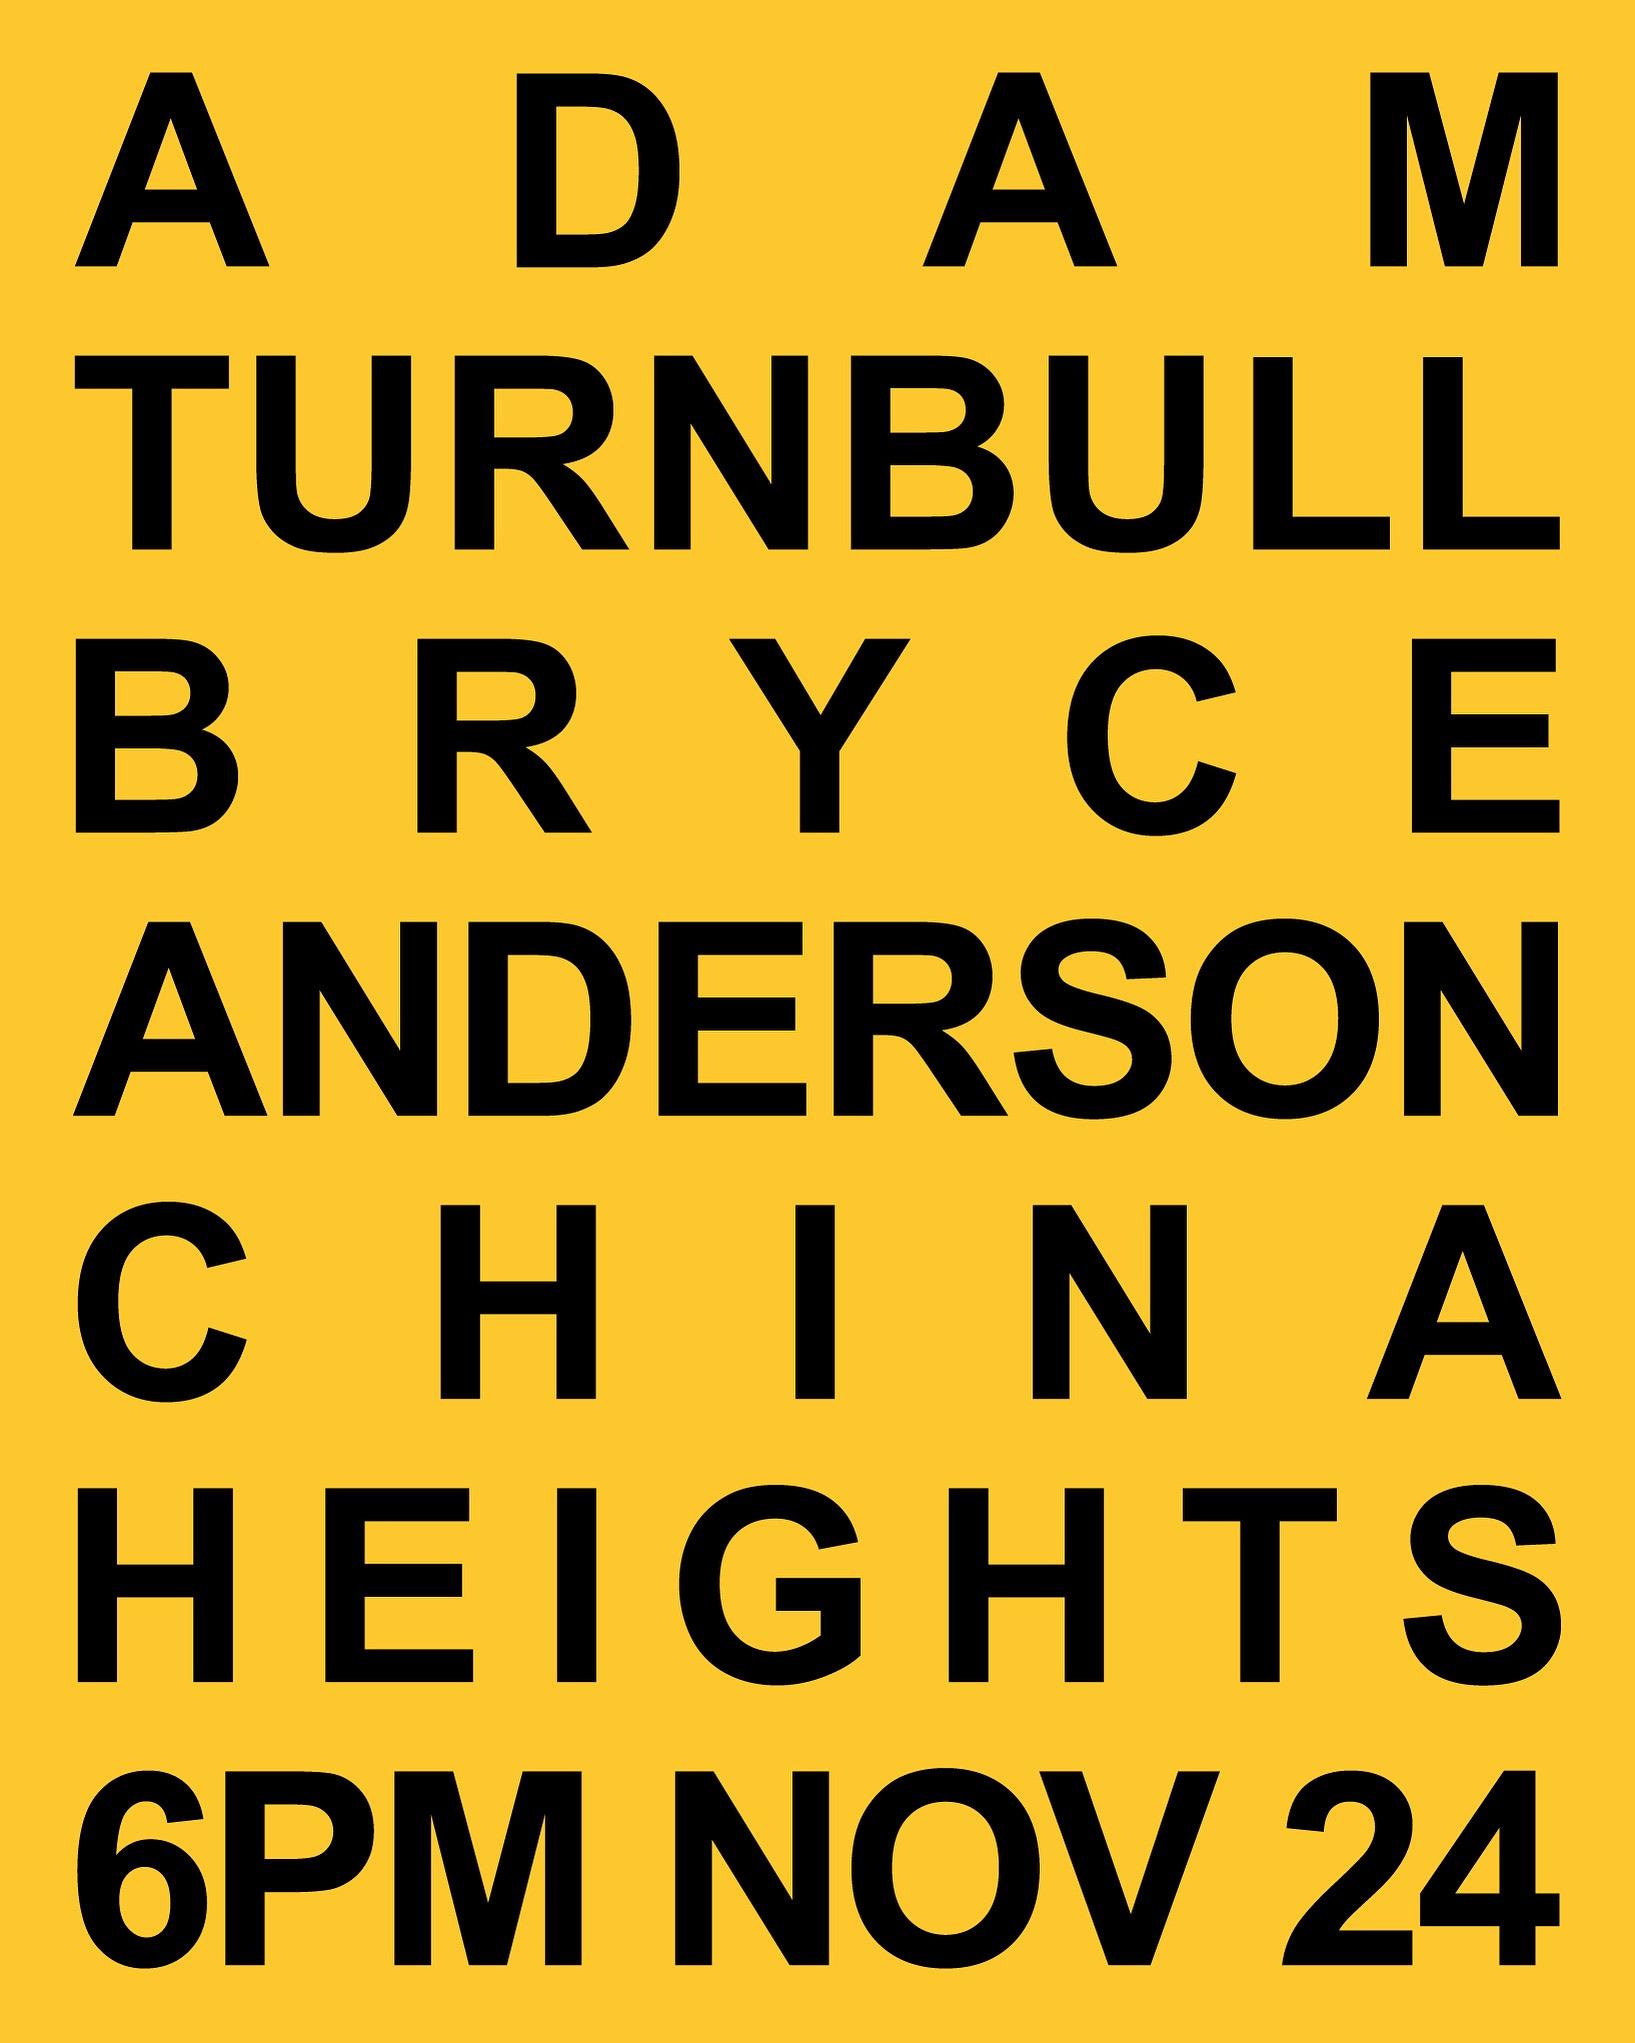 ADAM TURNBULL_BRYCE ANDERSON_CHINA HEIHTS